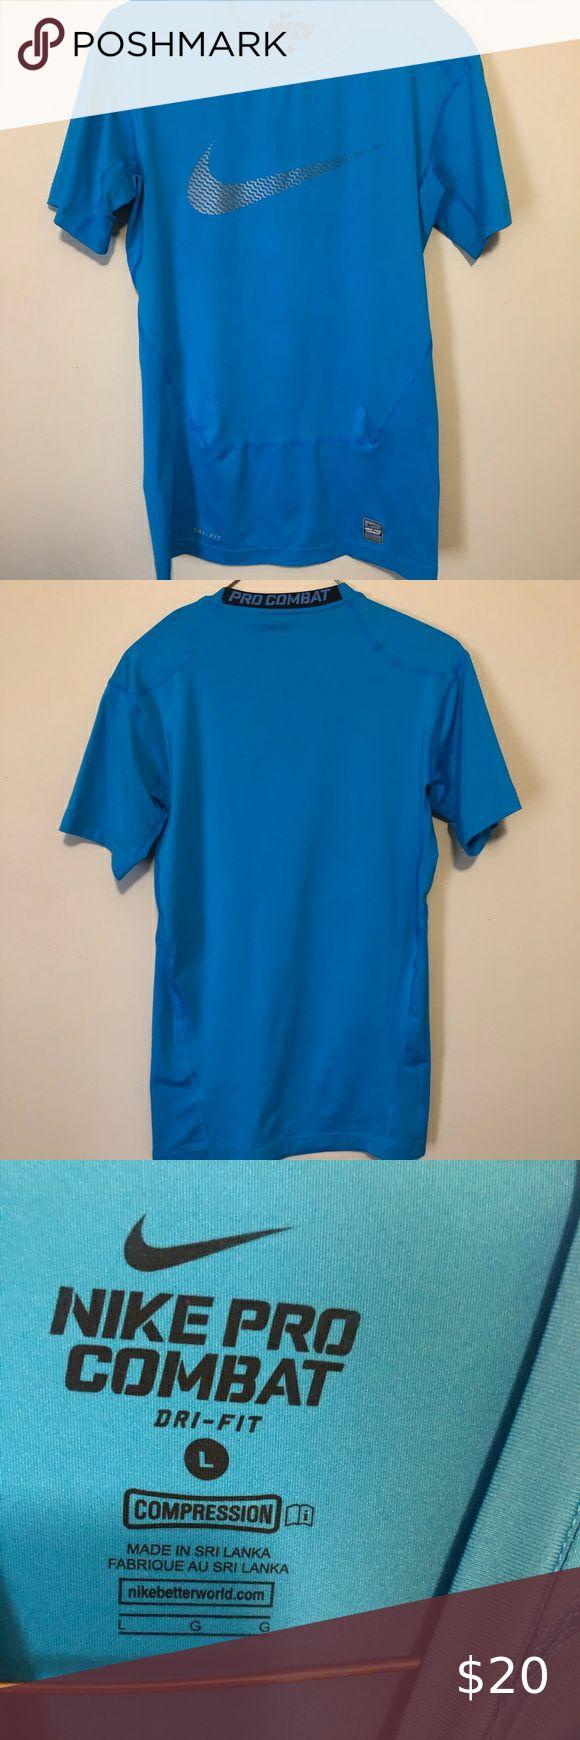 Men S Nike Pro Combat Shirt Size L Blue Combat Shirt Nike Pro Combat Nike Pros [ 1740 x 580 Pixel ]